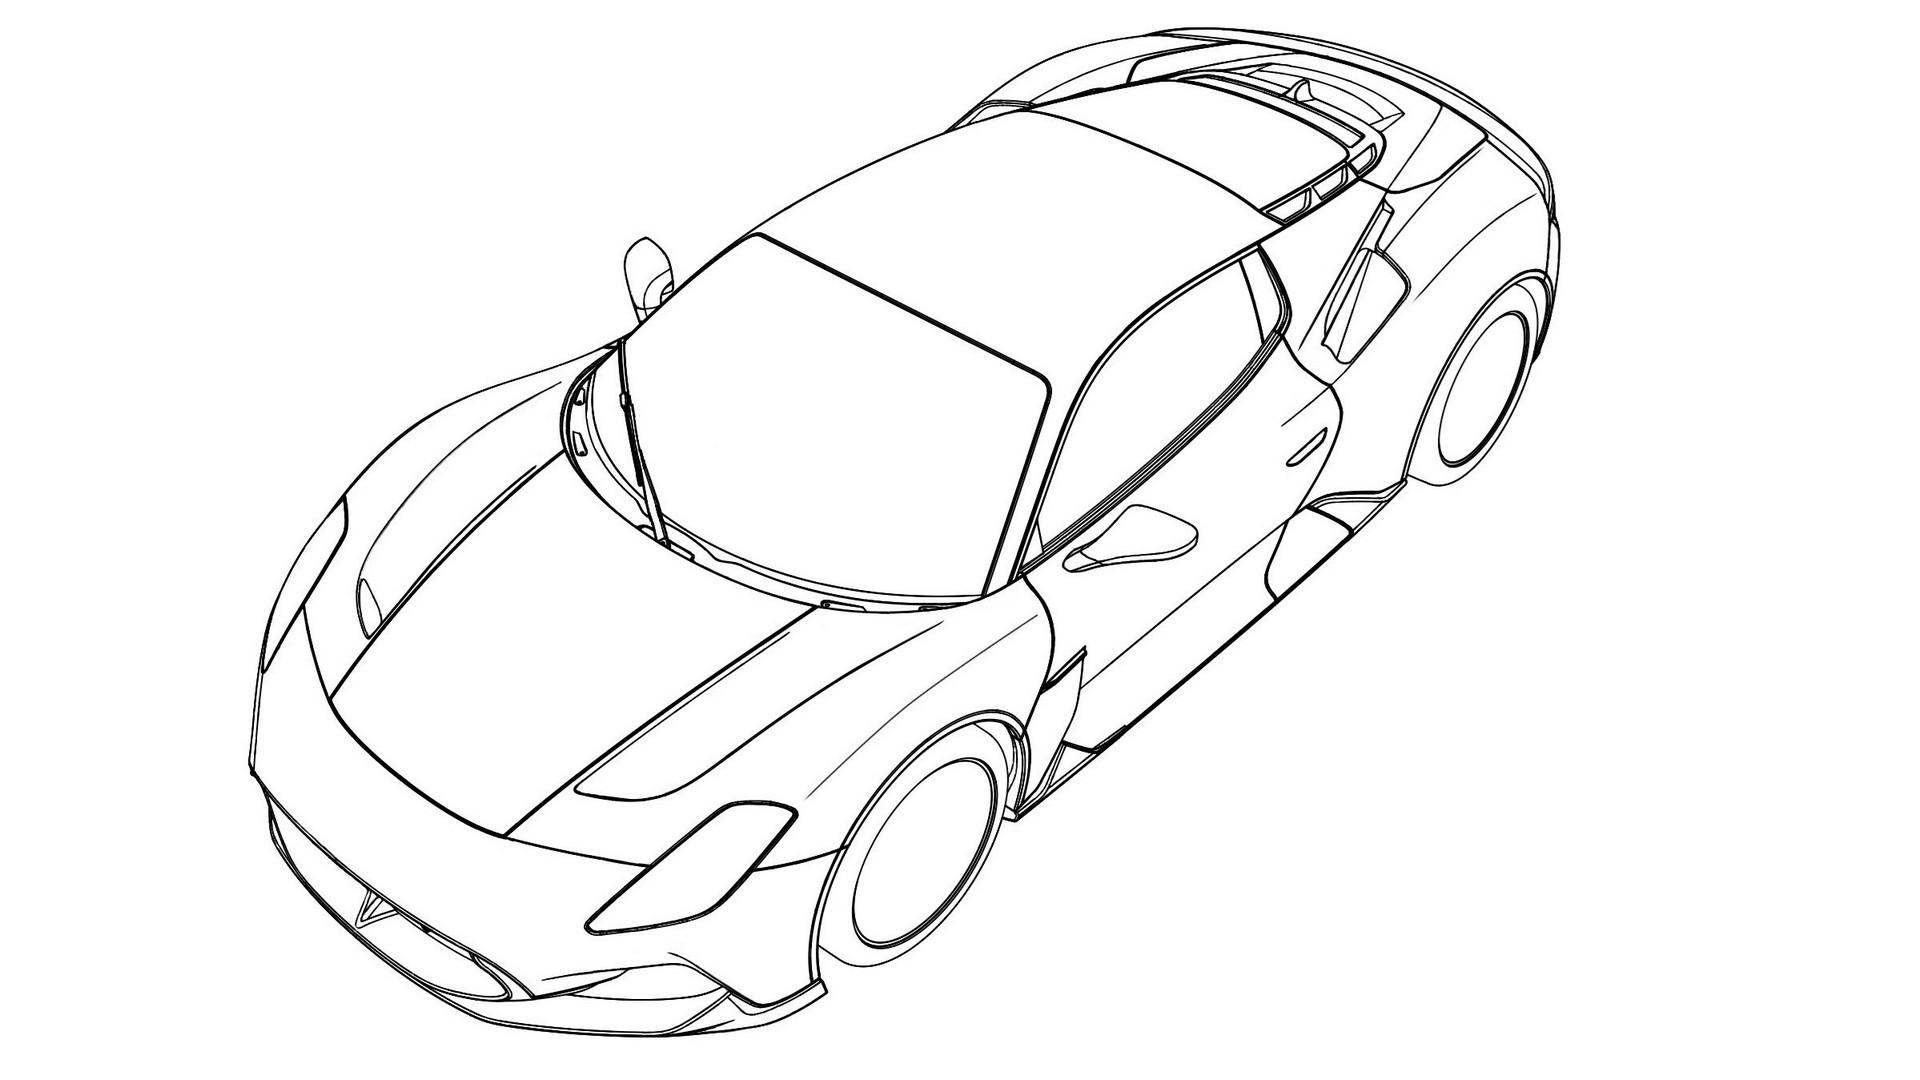 Maserati MC20 патентное изображение из базы ФИПС